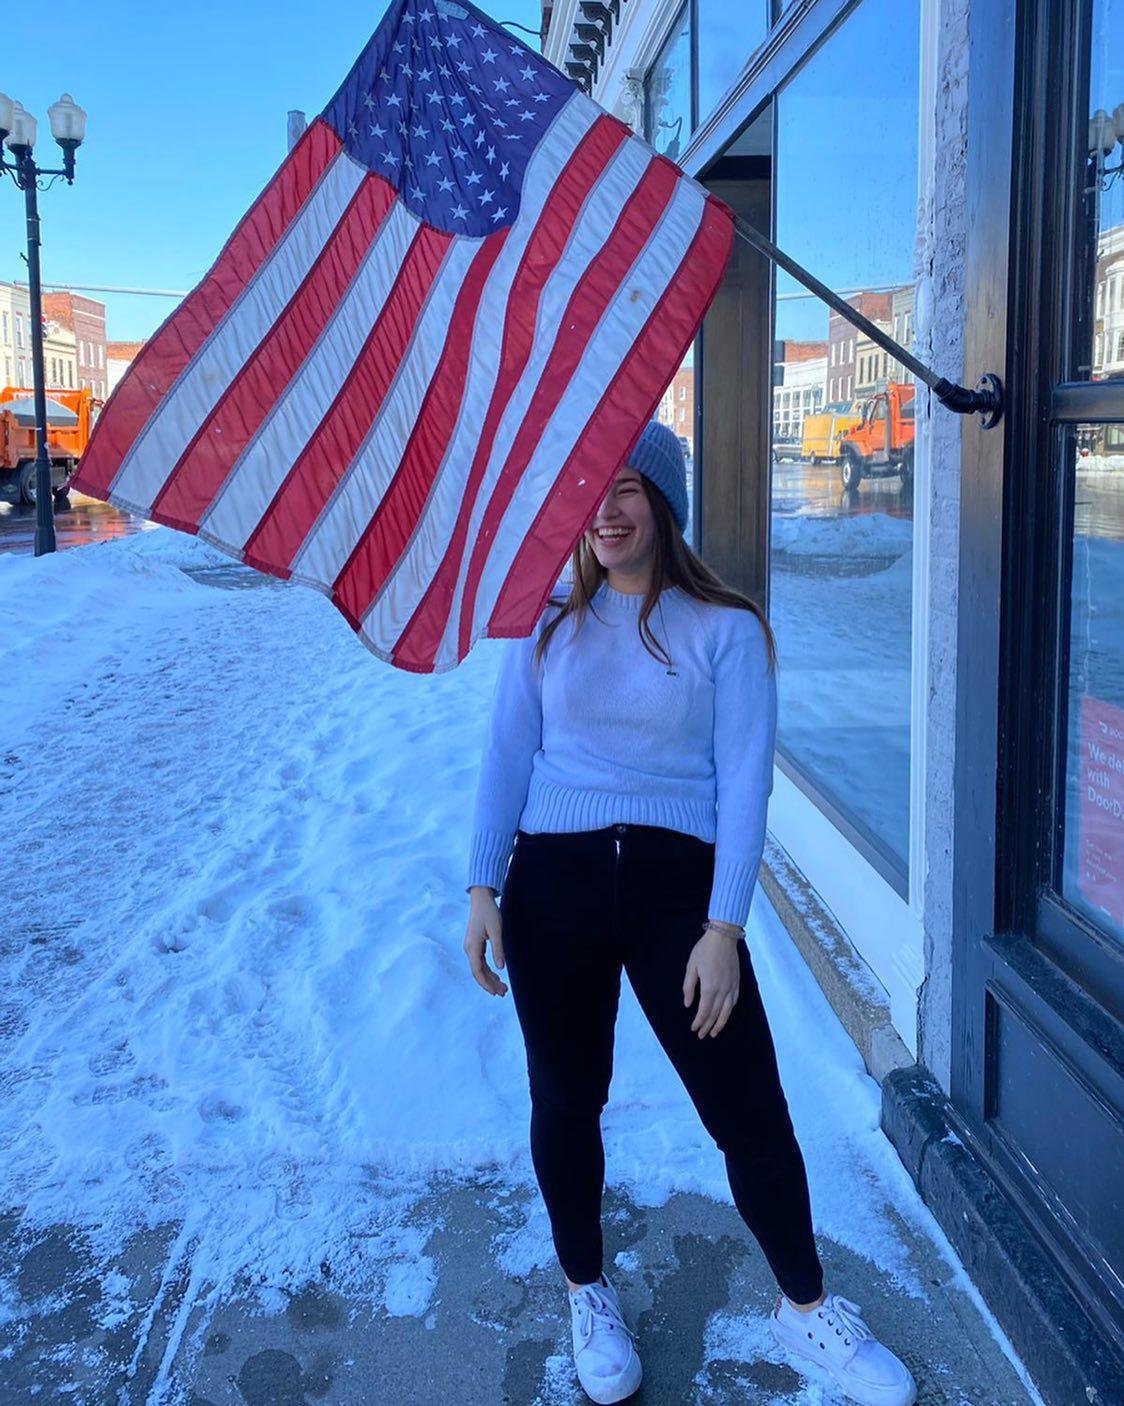 Hab' mir das obligatorische Bild mit USA-Flagge irgendwie cooler vorgestellt.…